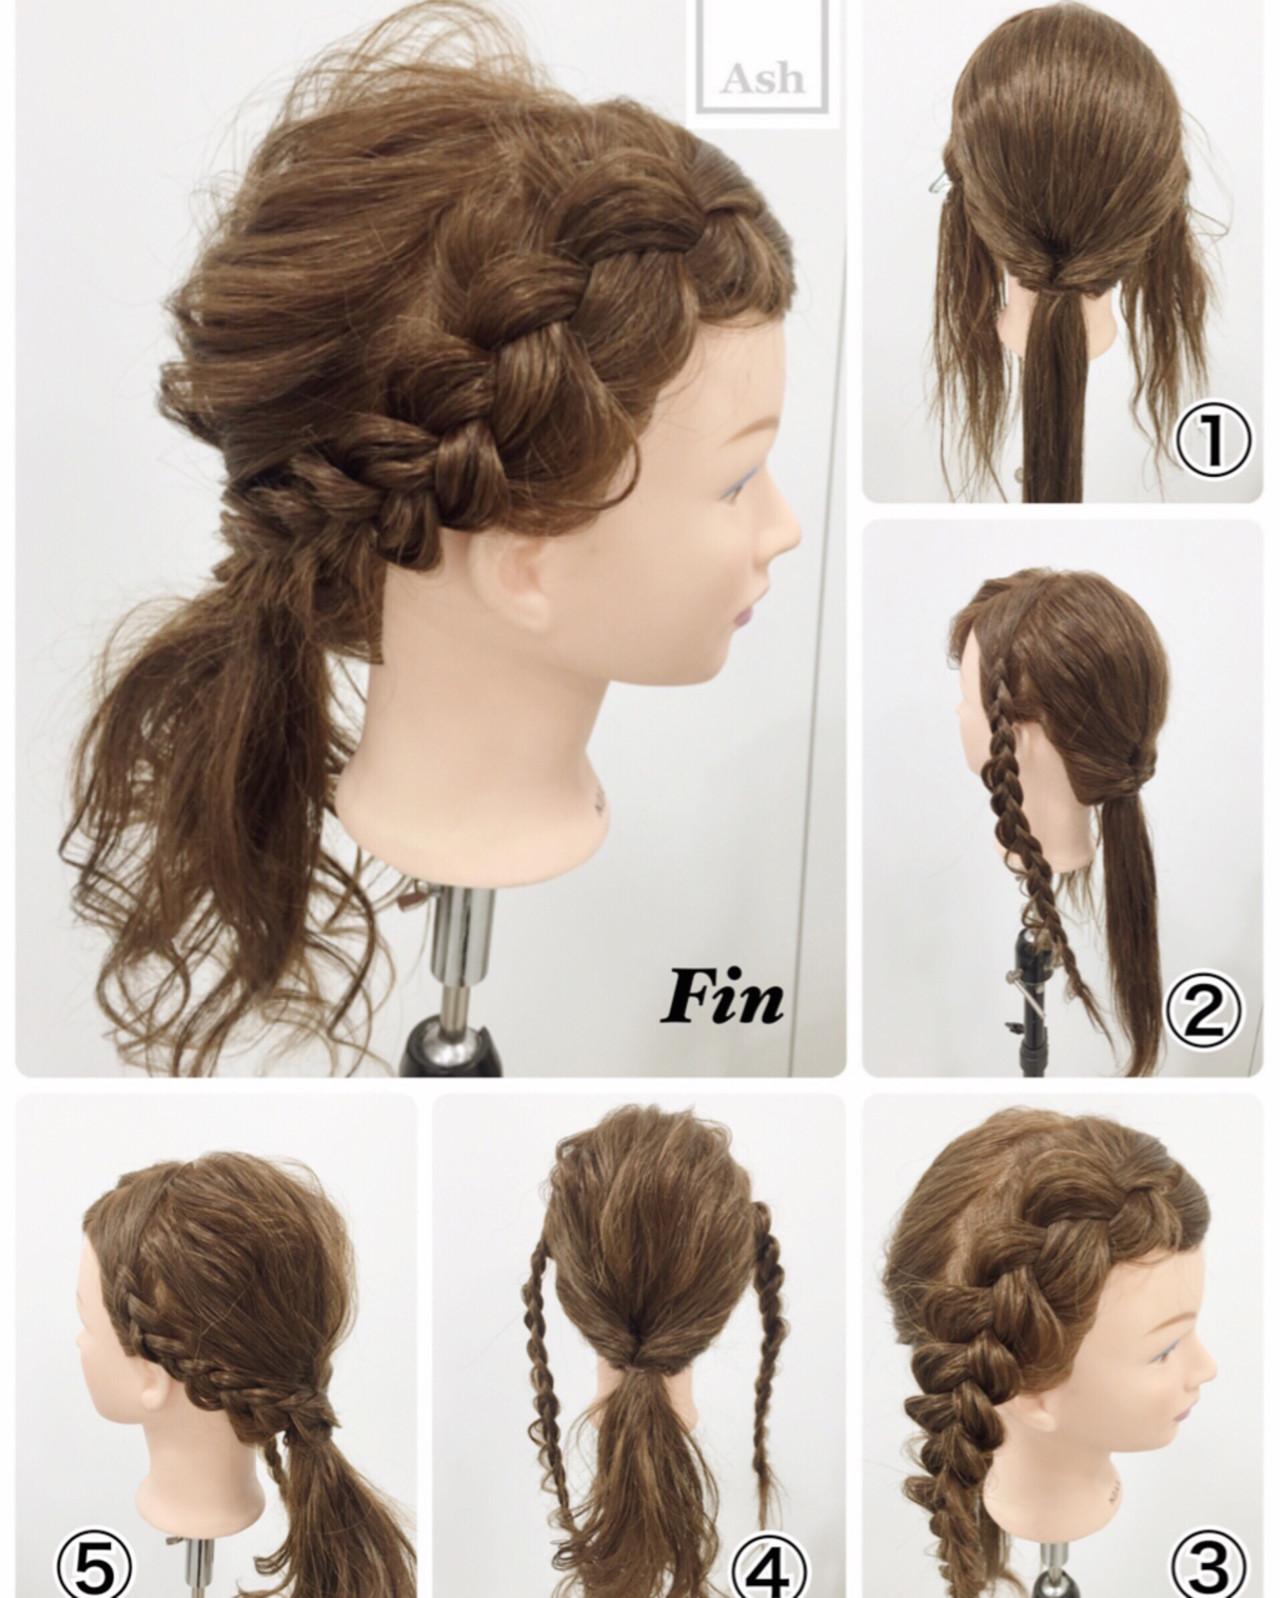 ハーフアップ ヘアアレンジ アッシュ ショート ヘアスタイルや髪型の写真・画像